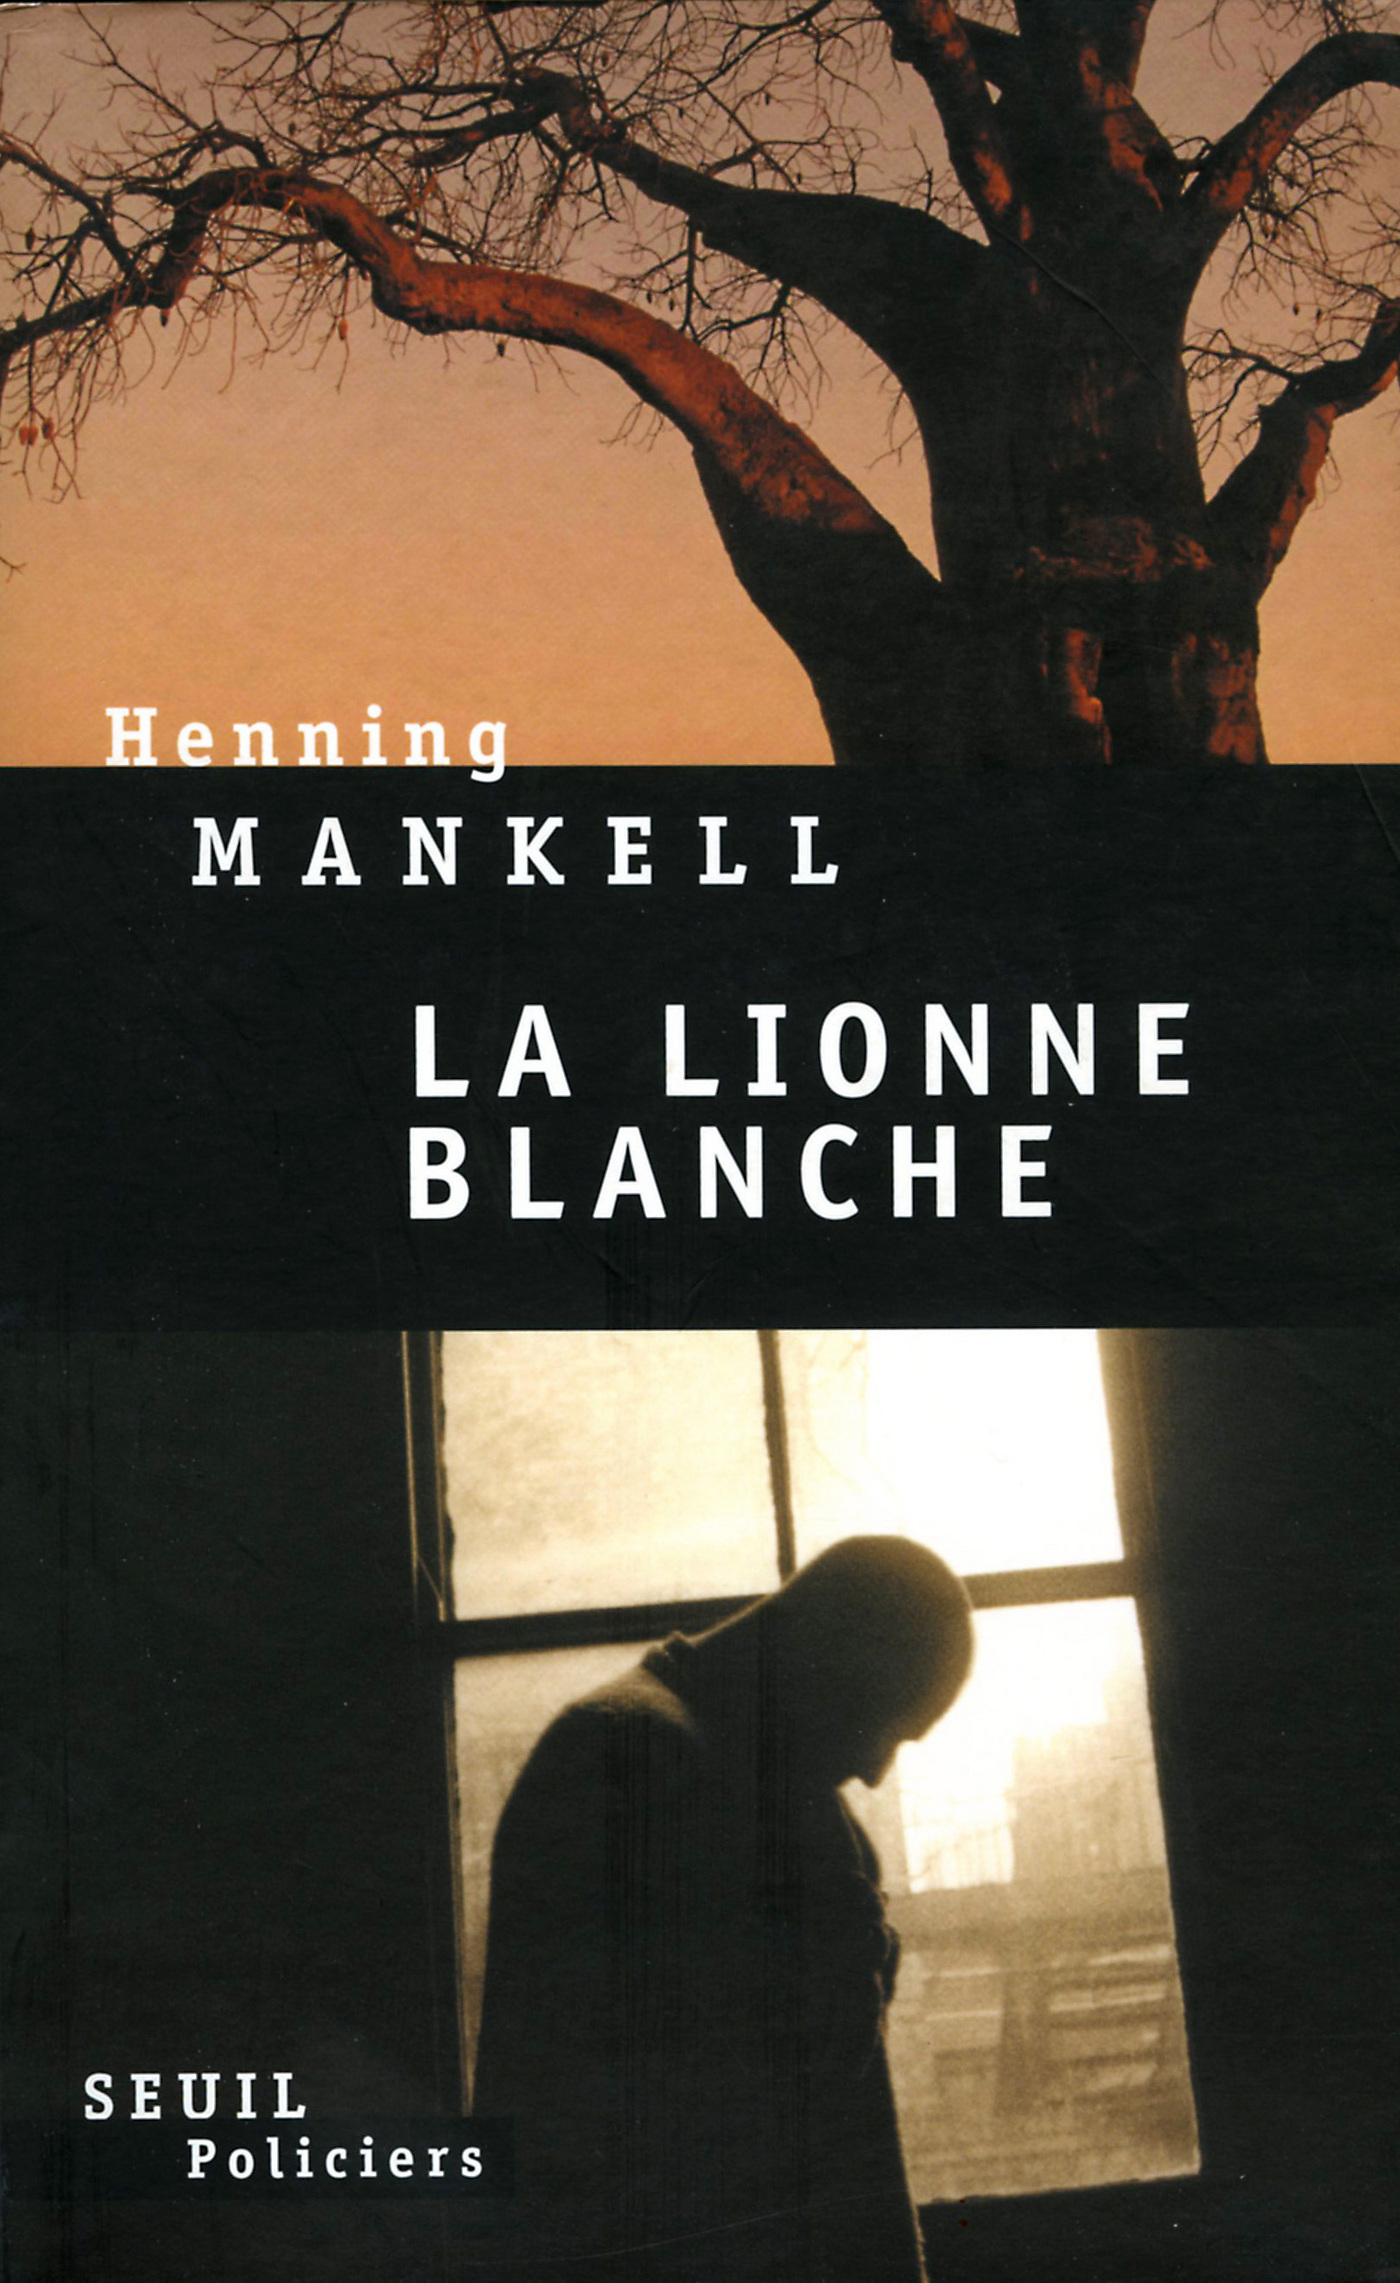 Lionne Blanche (La)